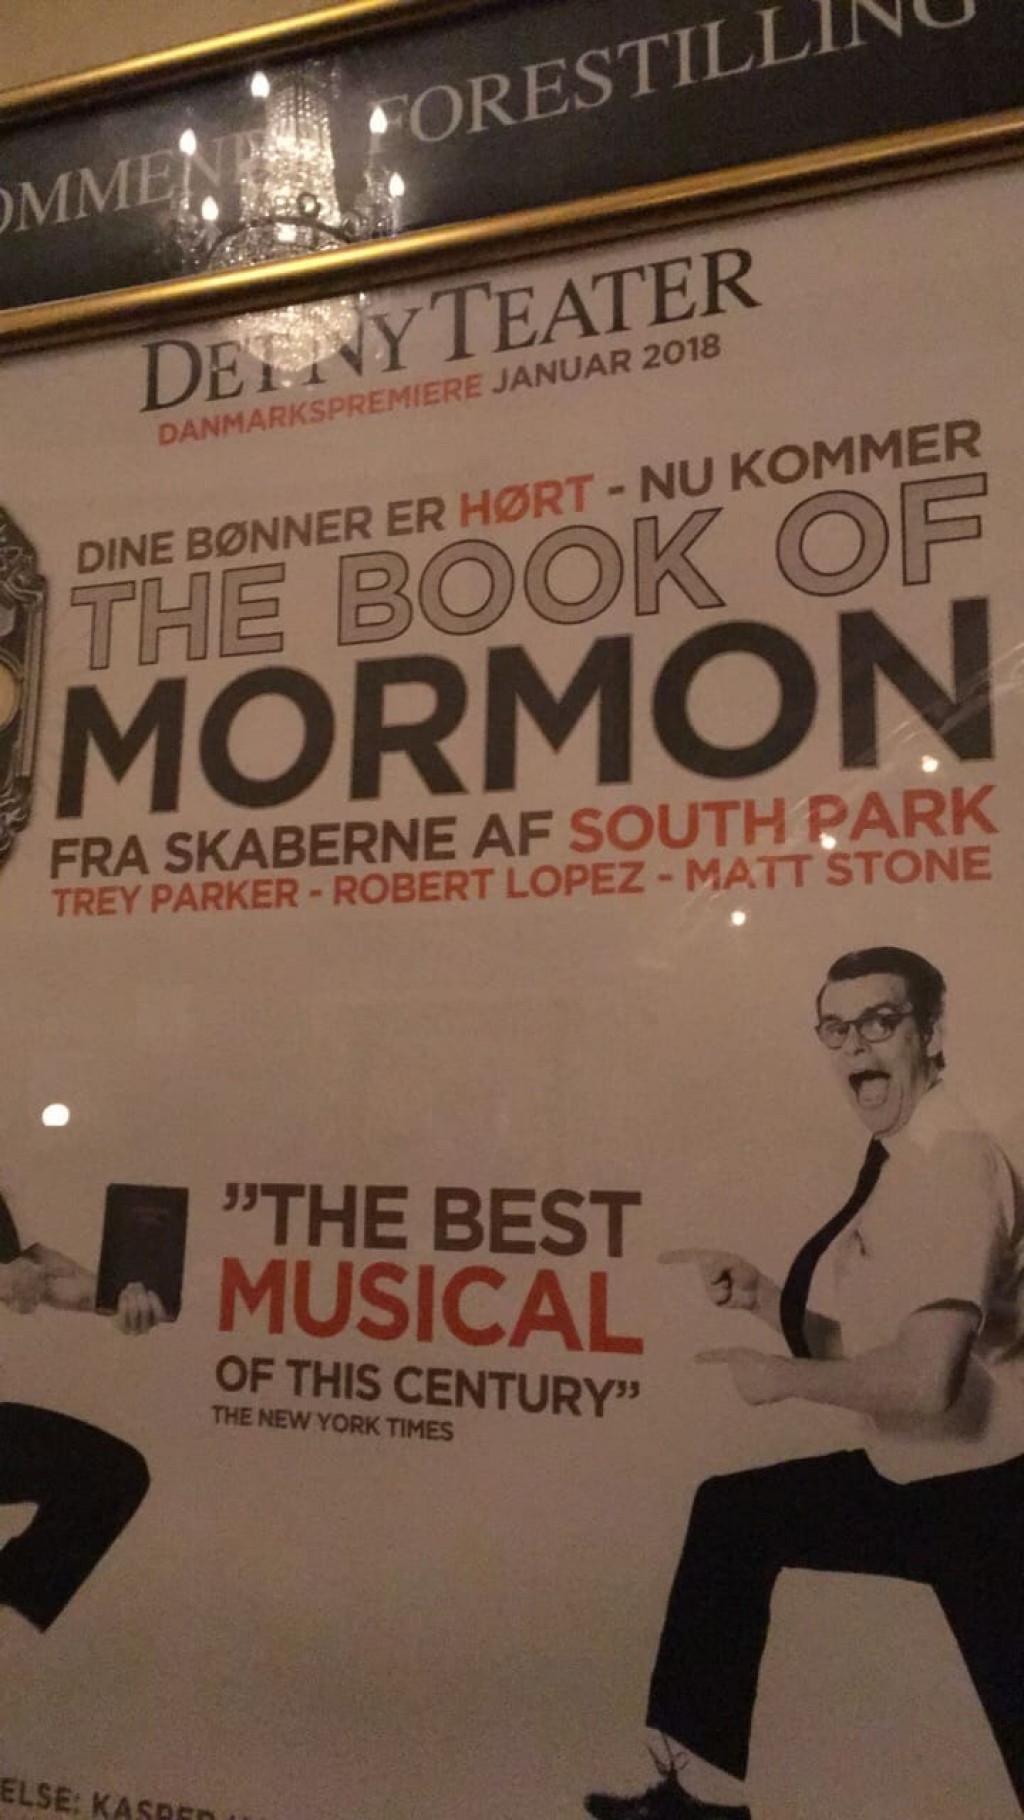 The Book of Mormon på Det Ny Teater – Fremragende, fantastisk fræk (anmeldelse)